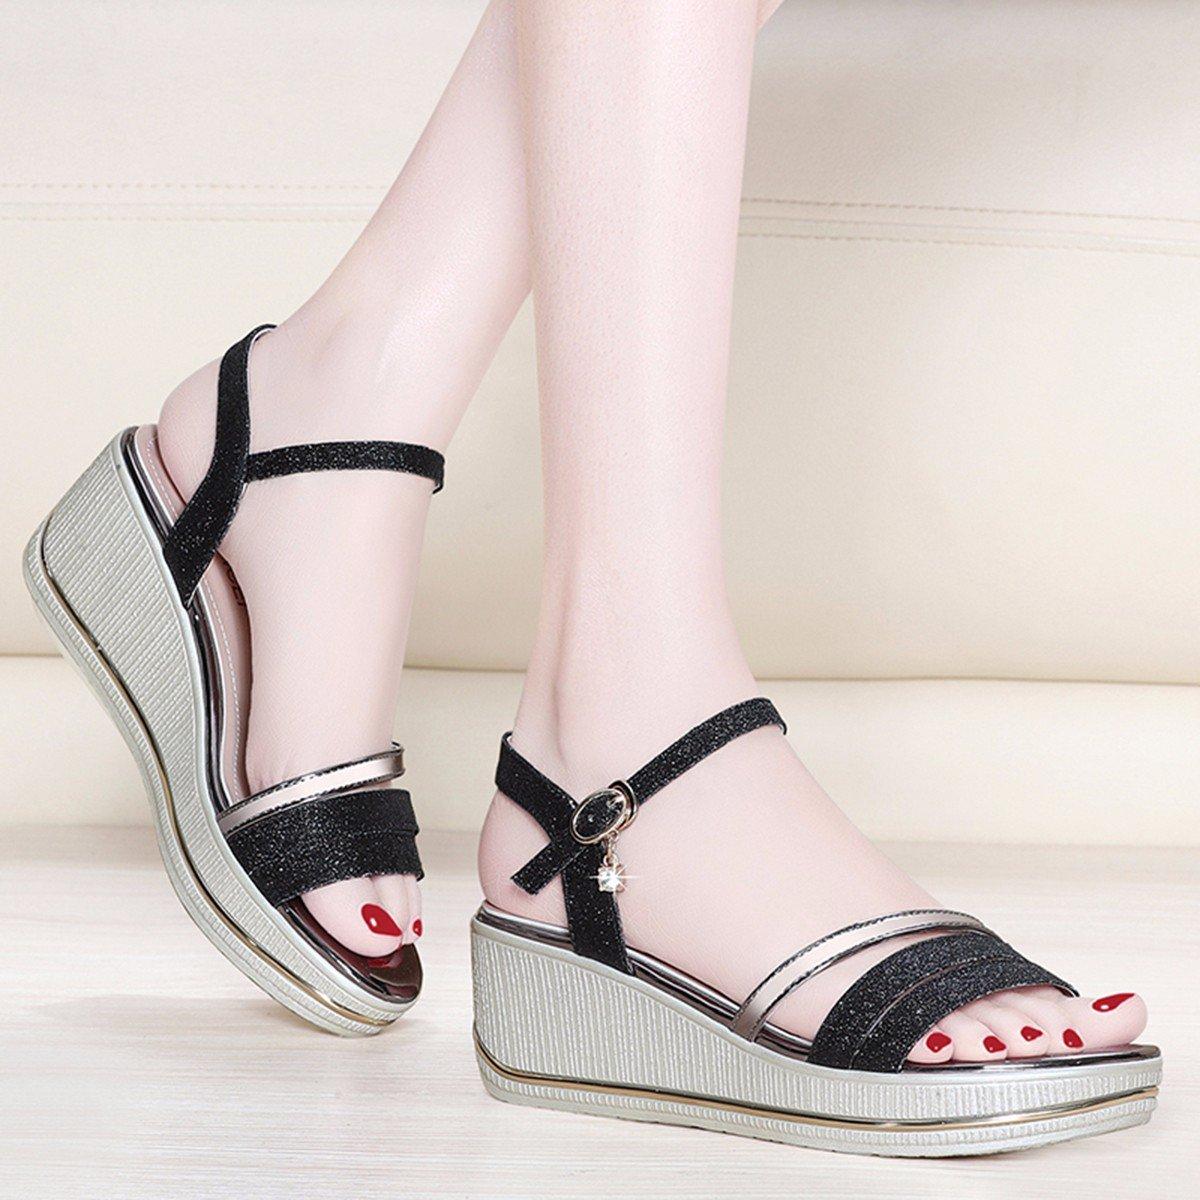 JRFBA-Schuhe Sandalen, Sandalen, Sandalen, Sommer Flachen Boden, Koreanischen Version, Neigung und Dicken Hintern Schuhe.  923775